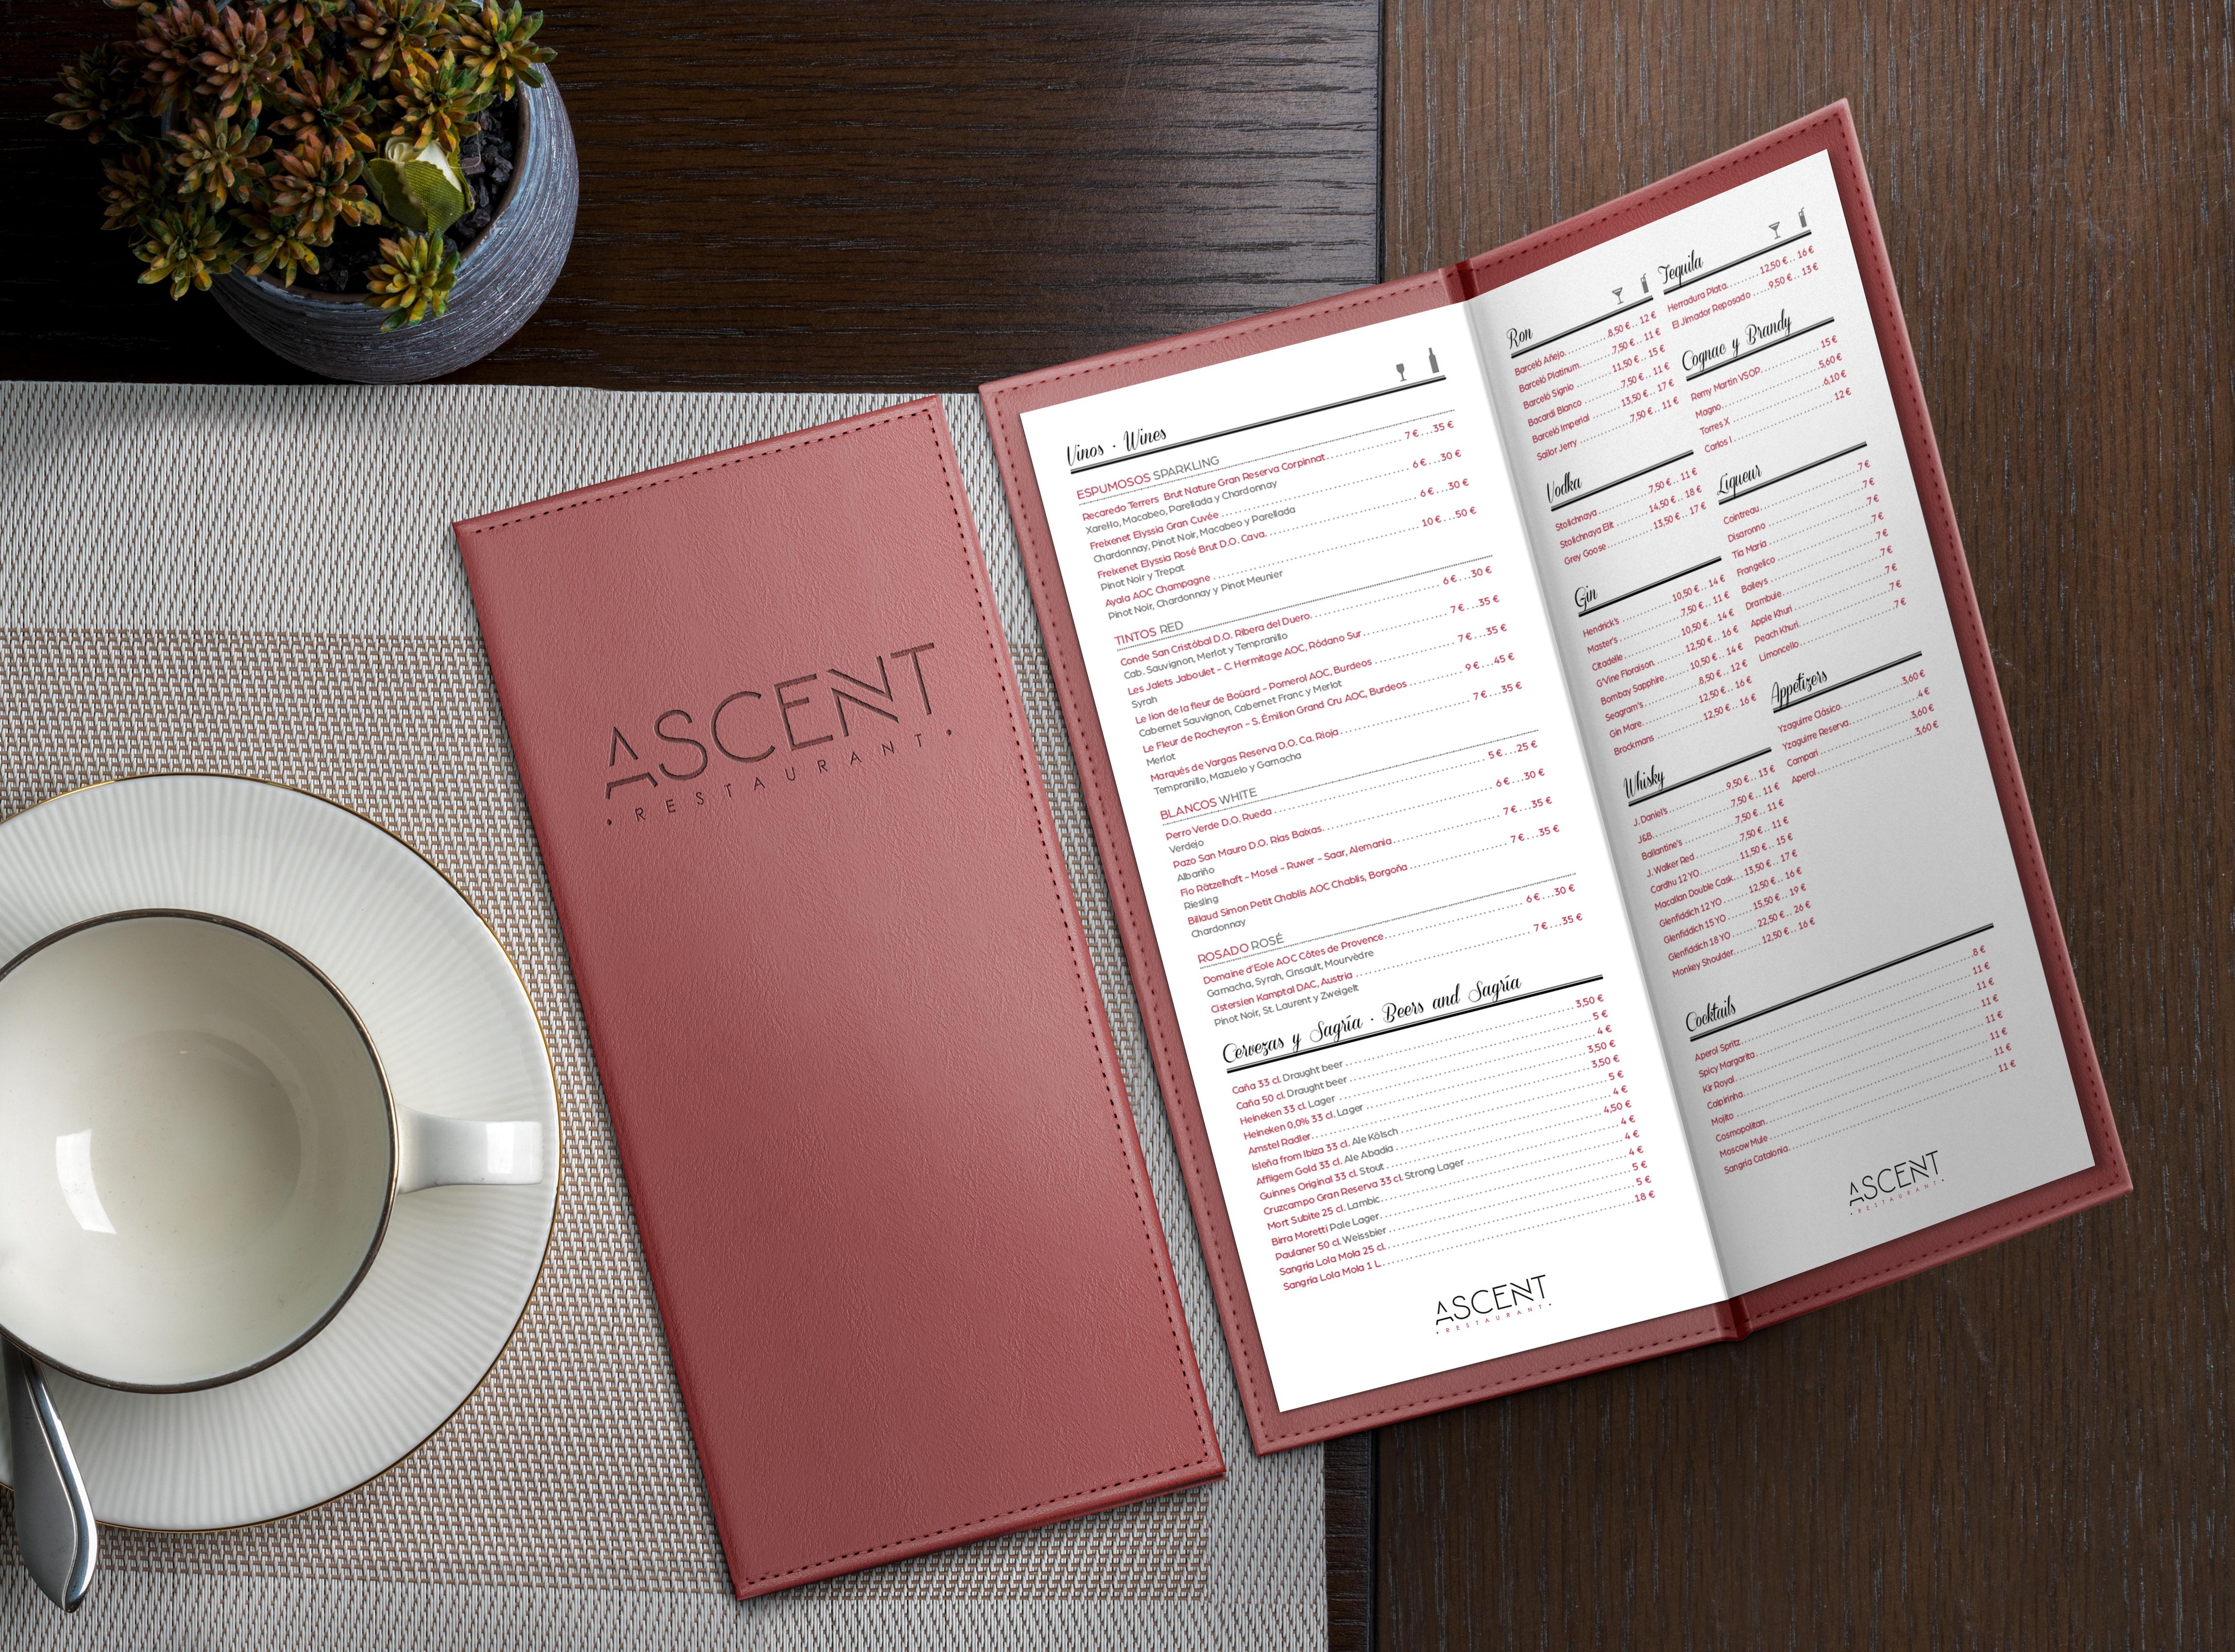 4 Ascent Restaurant mockup - En el detalle esta la diferencia y con acabados especiales se consigue